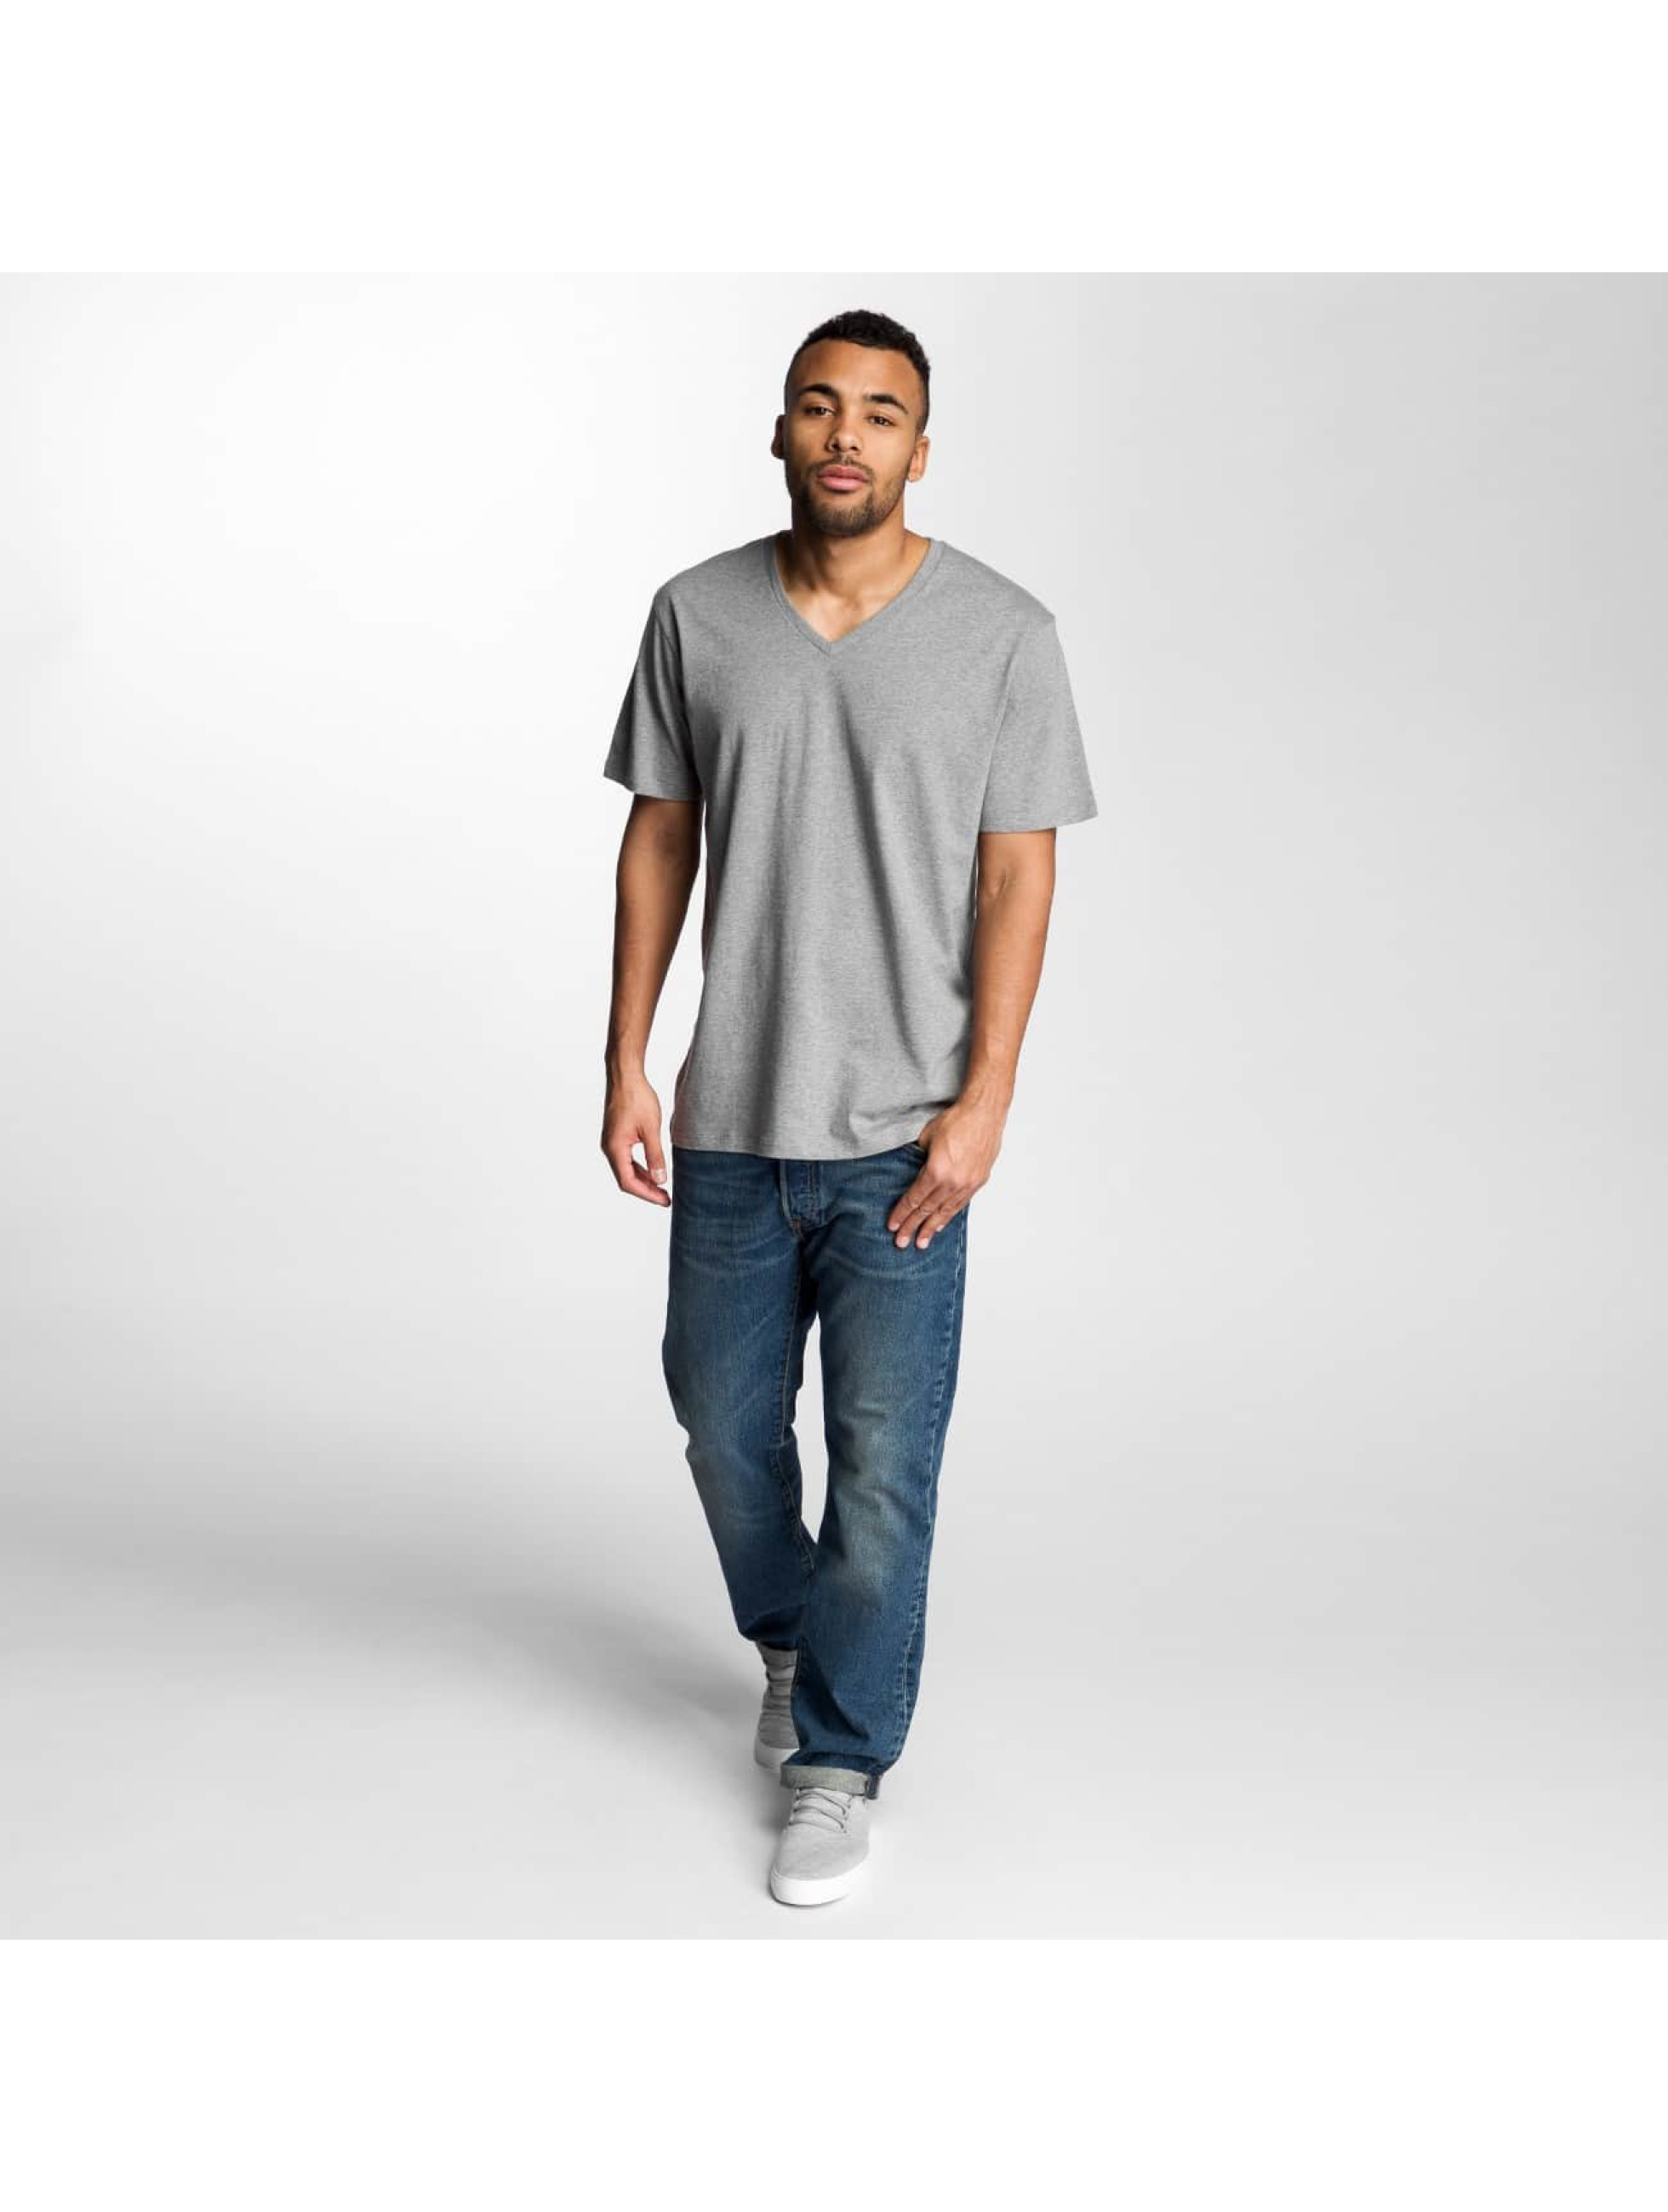 levi 39 s v neck gris homme t shirt levi 39 s acheter pas cher haut 347792. Black Bedroom Furniture Sets. Home Design Ideas